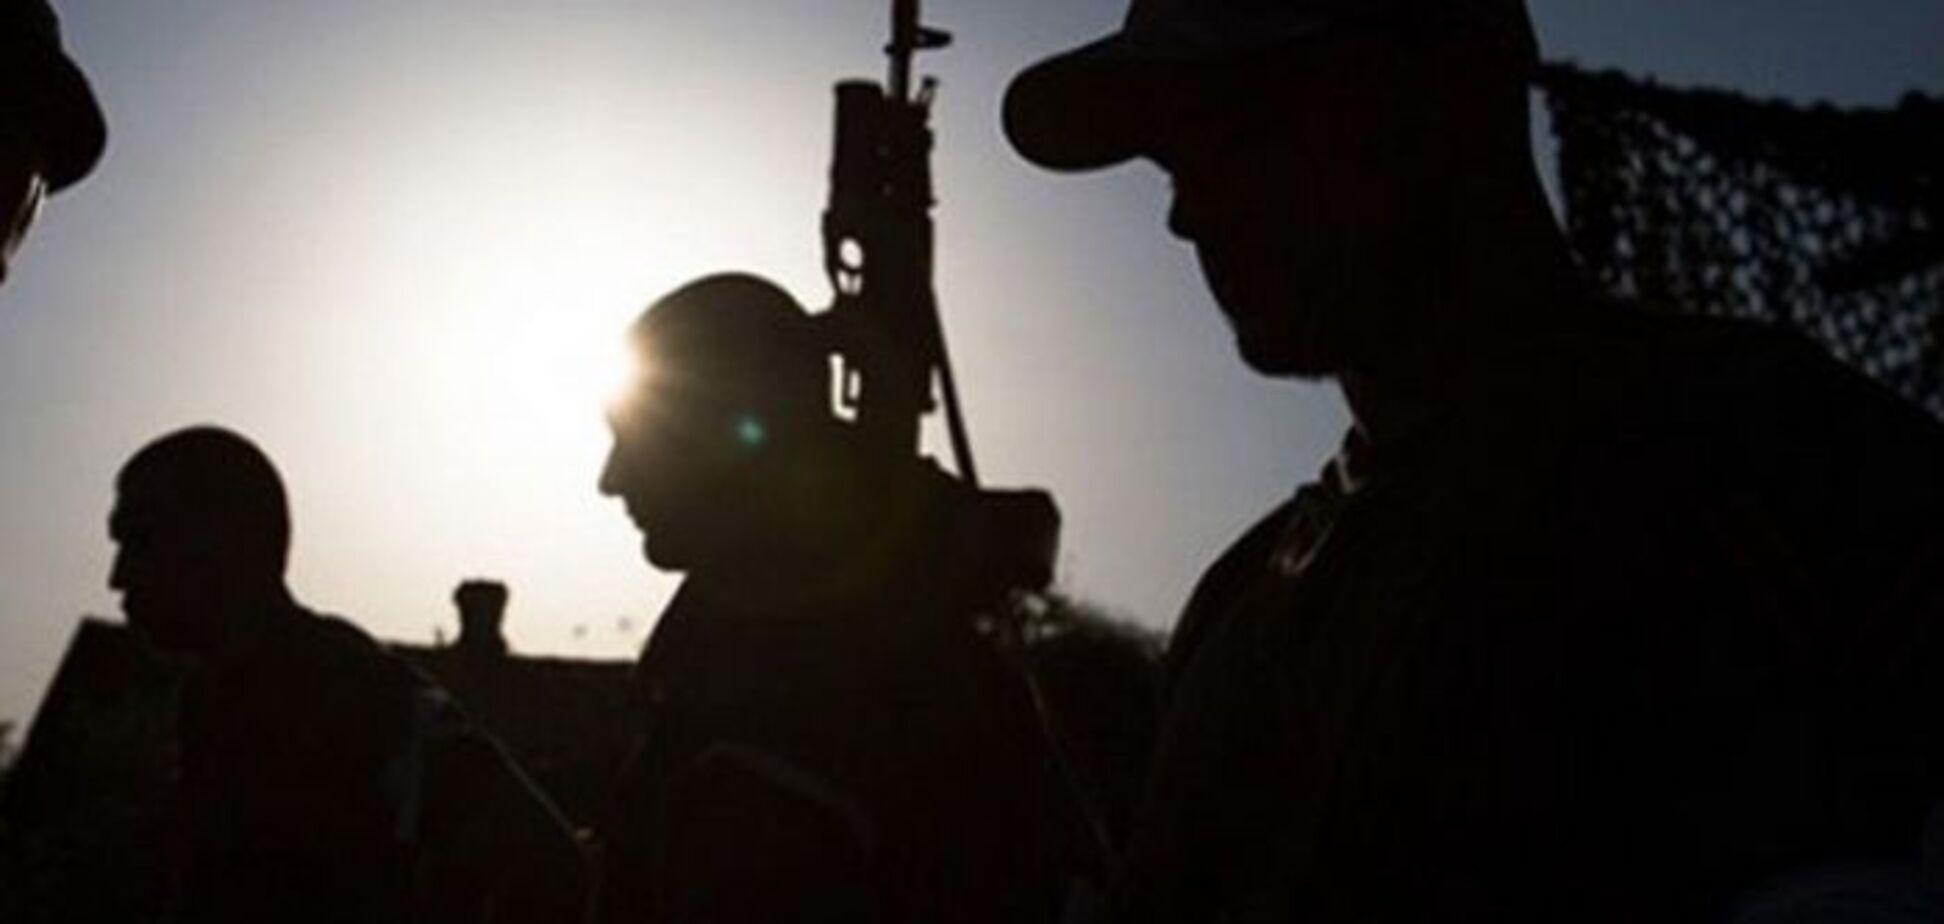 Волонтер показав командира таємничої 'третьої сили' на Донбасі